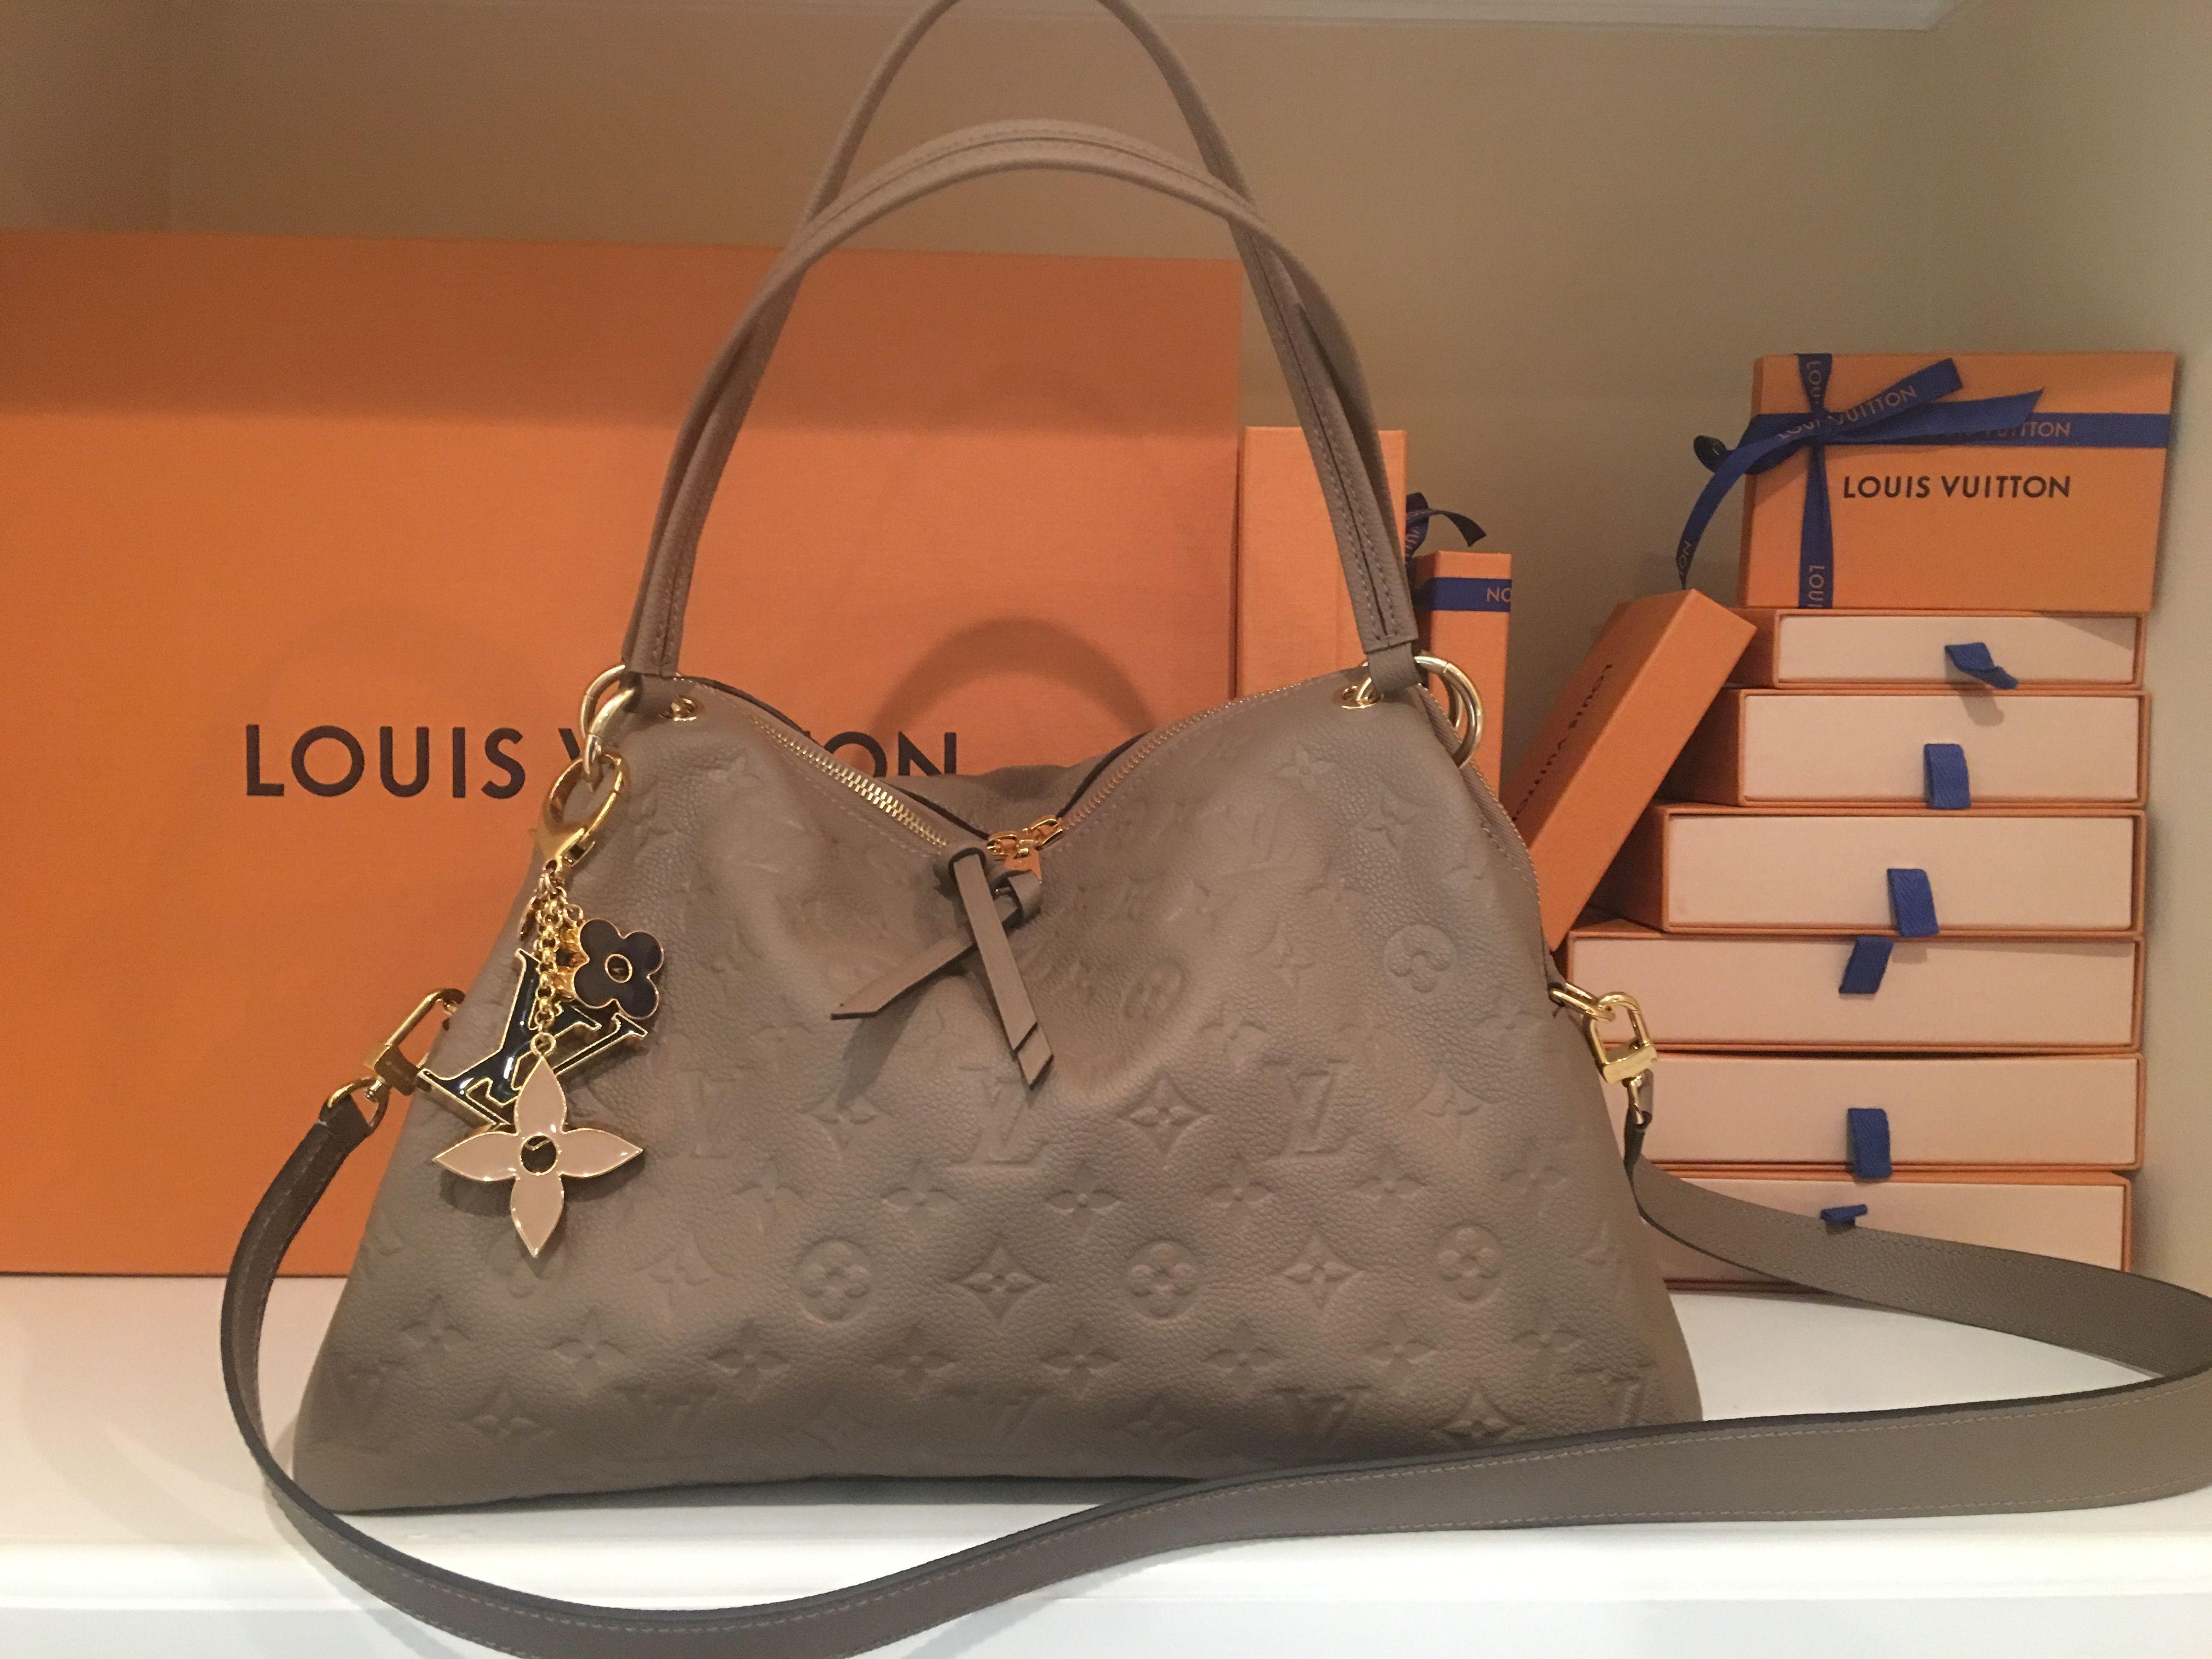 94713dd1040c Louis Vuitton Ponthieu PM